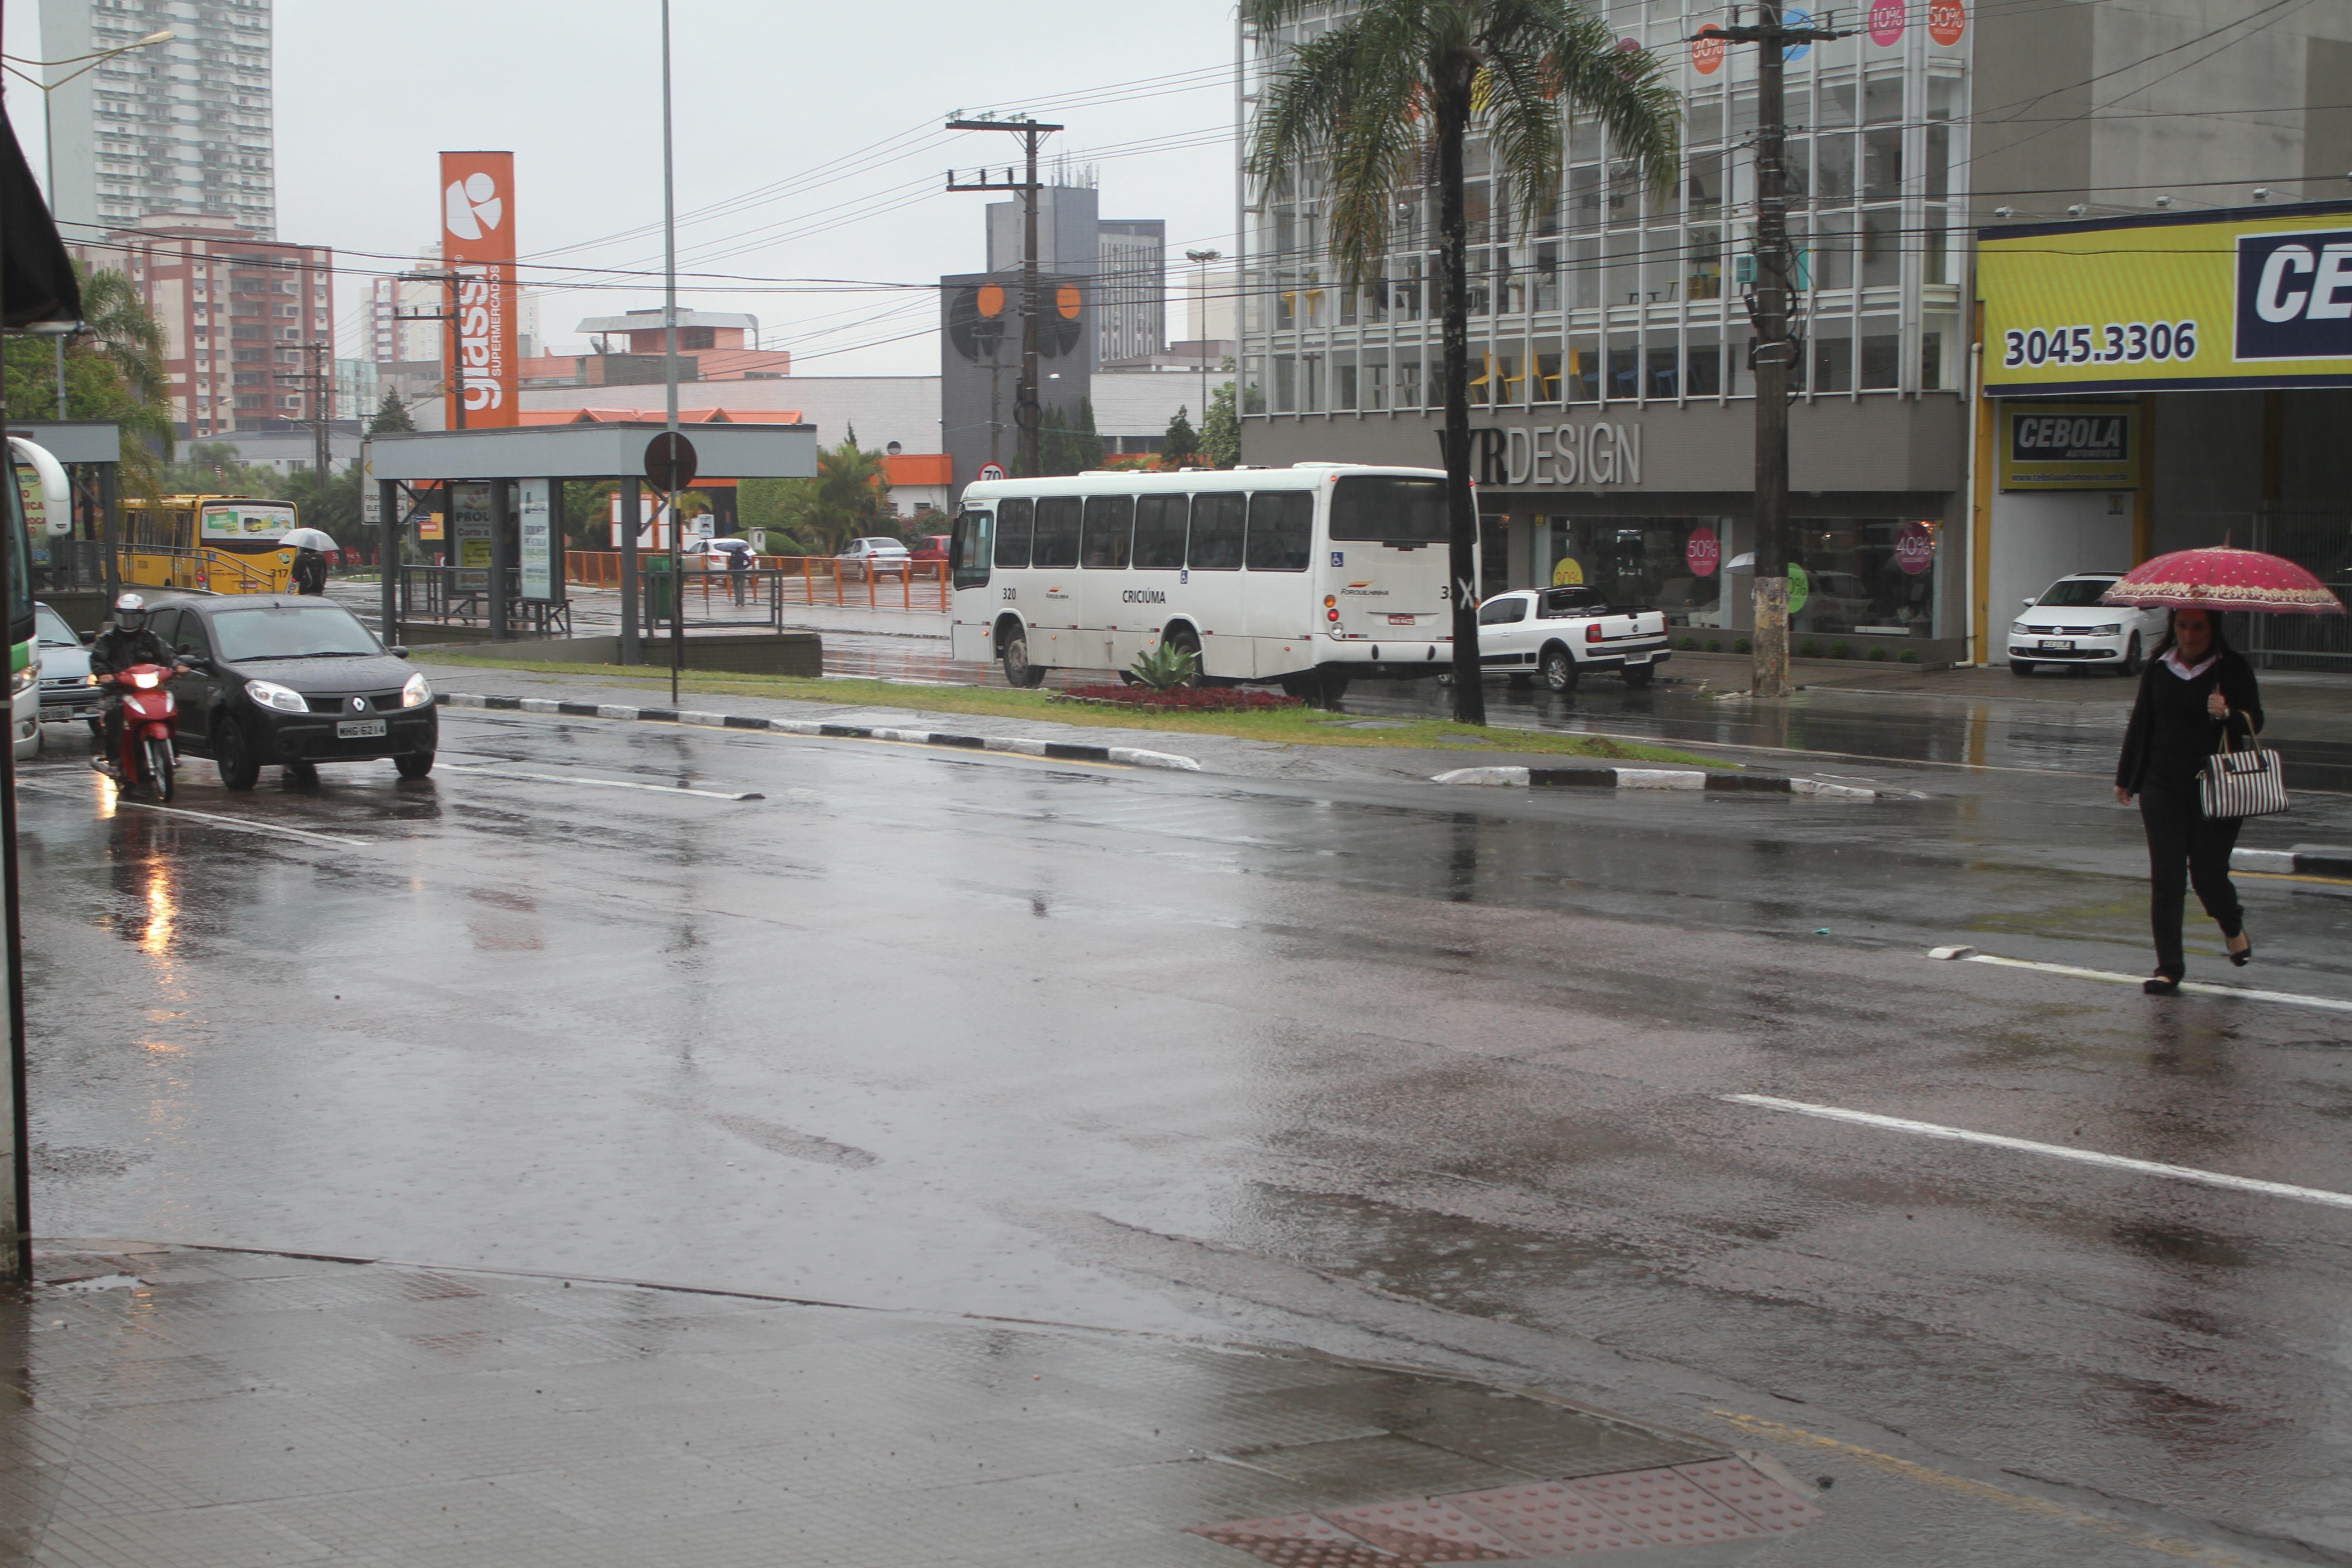 Frente fria deve chegar a Santa Catarina no domingo